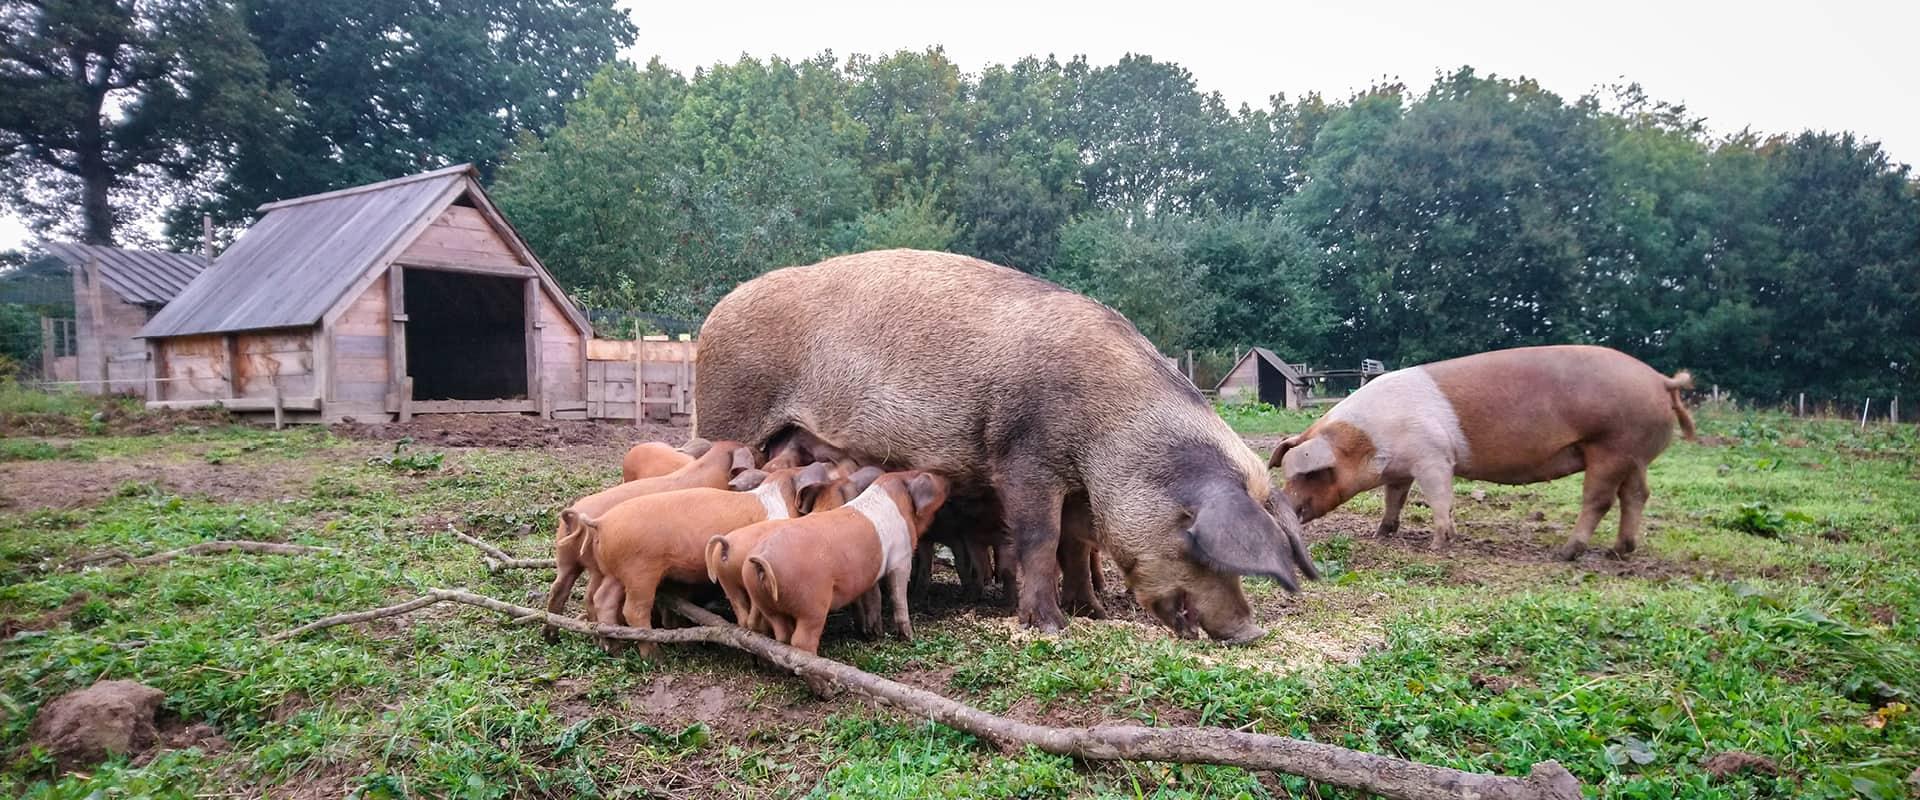 Das Rotbunte Husumer Schwein – ein persönliches Rassenportrait